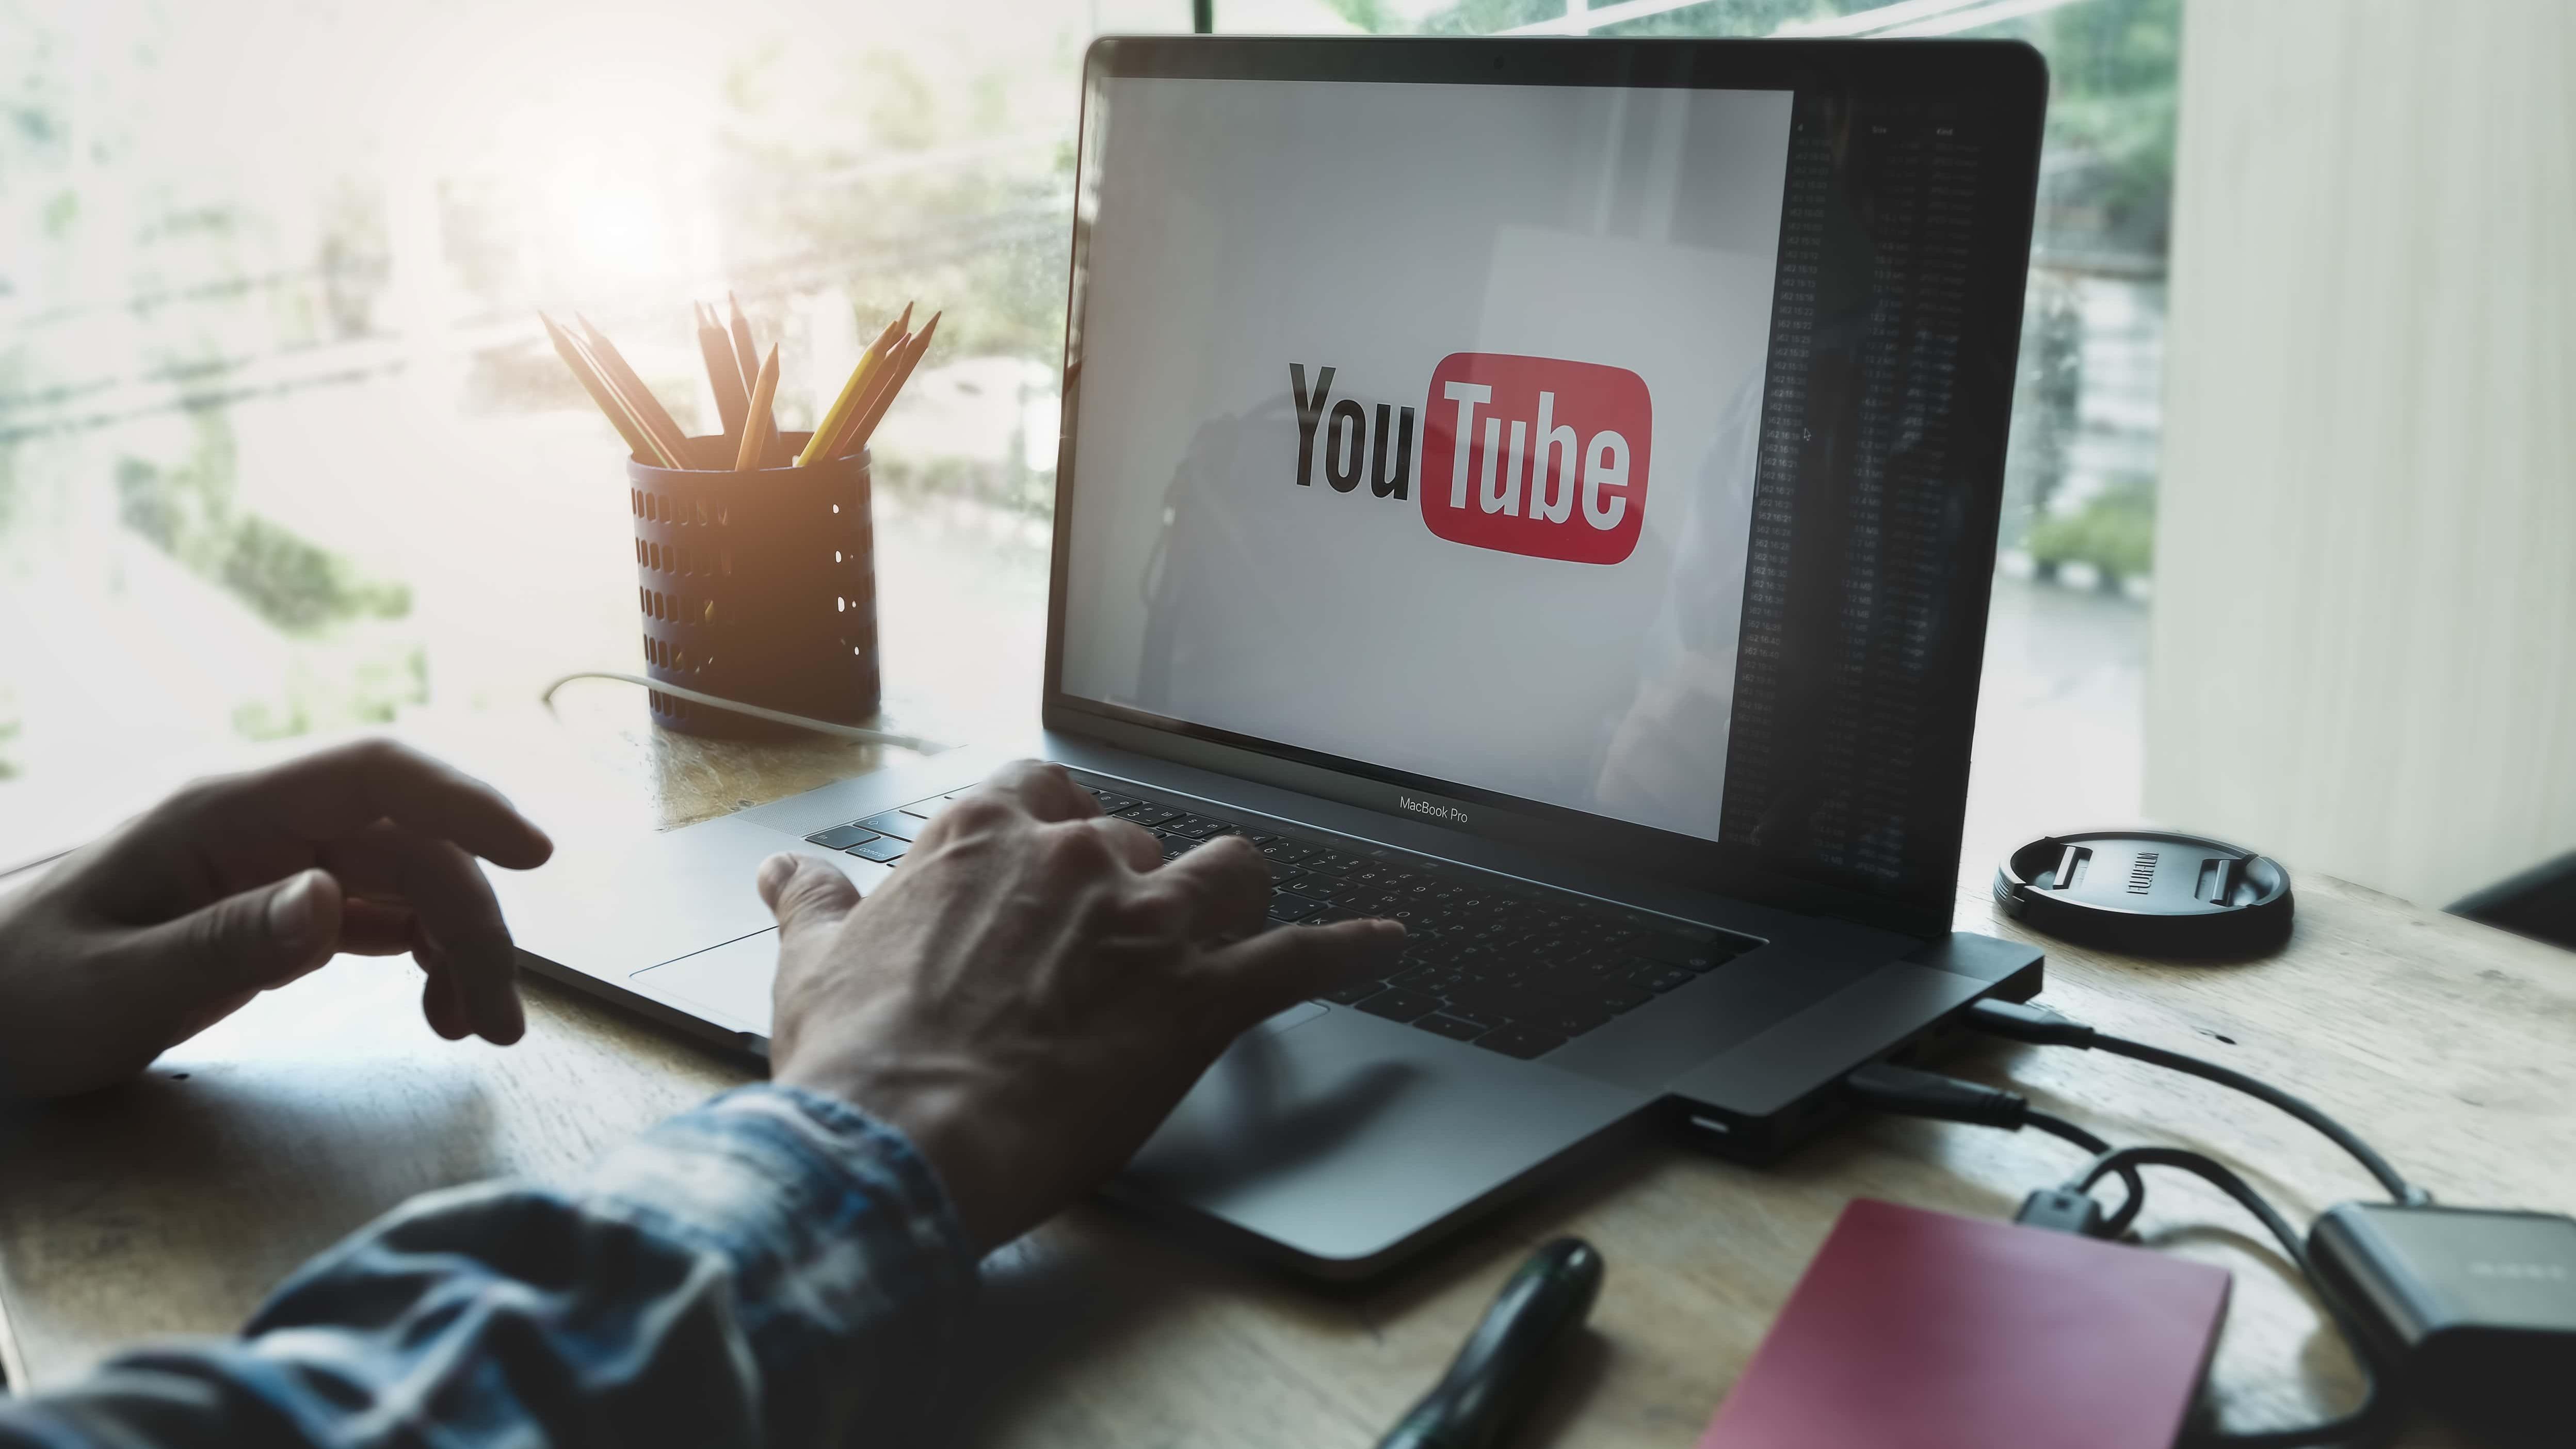 YouTubeで使ってない人はもったいない。YouTubeのインタラクティブ機能とは?のサムネイル画像